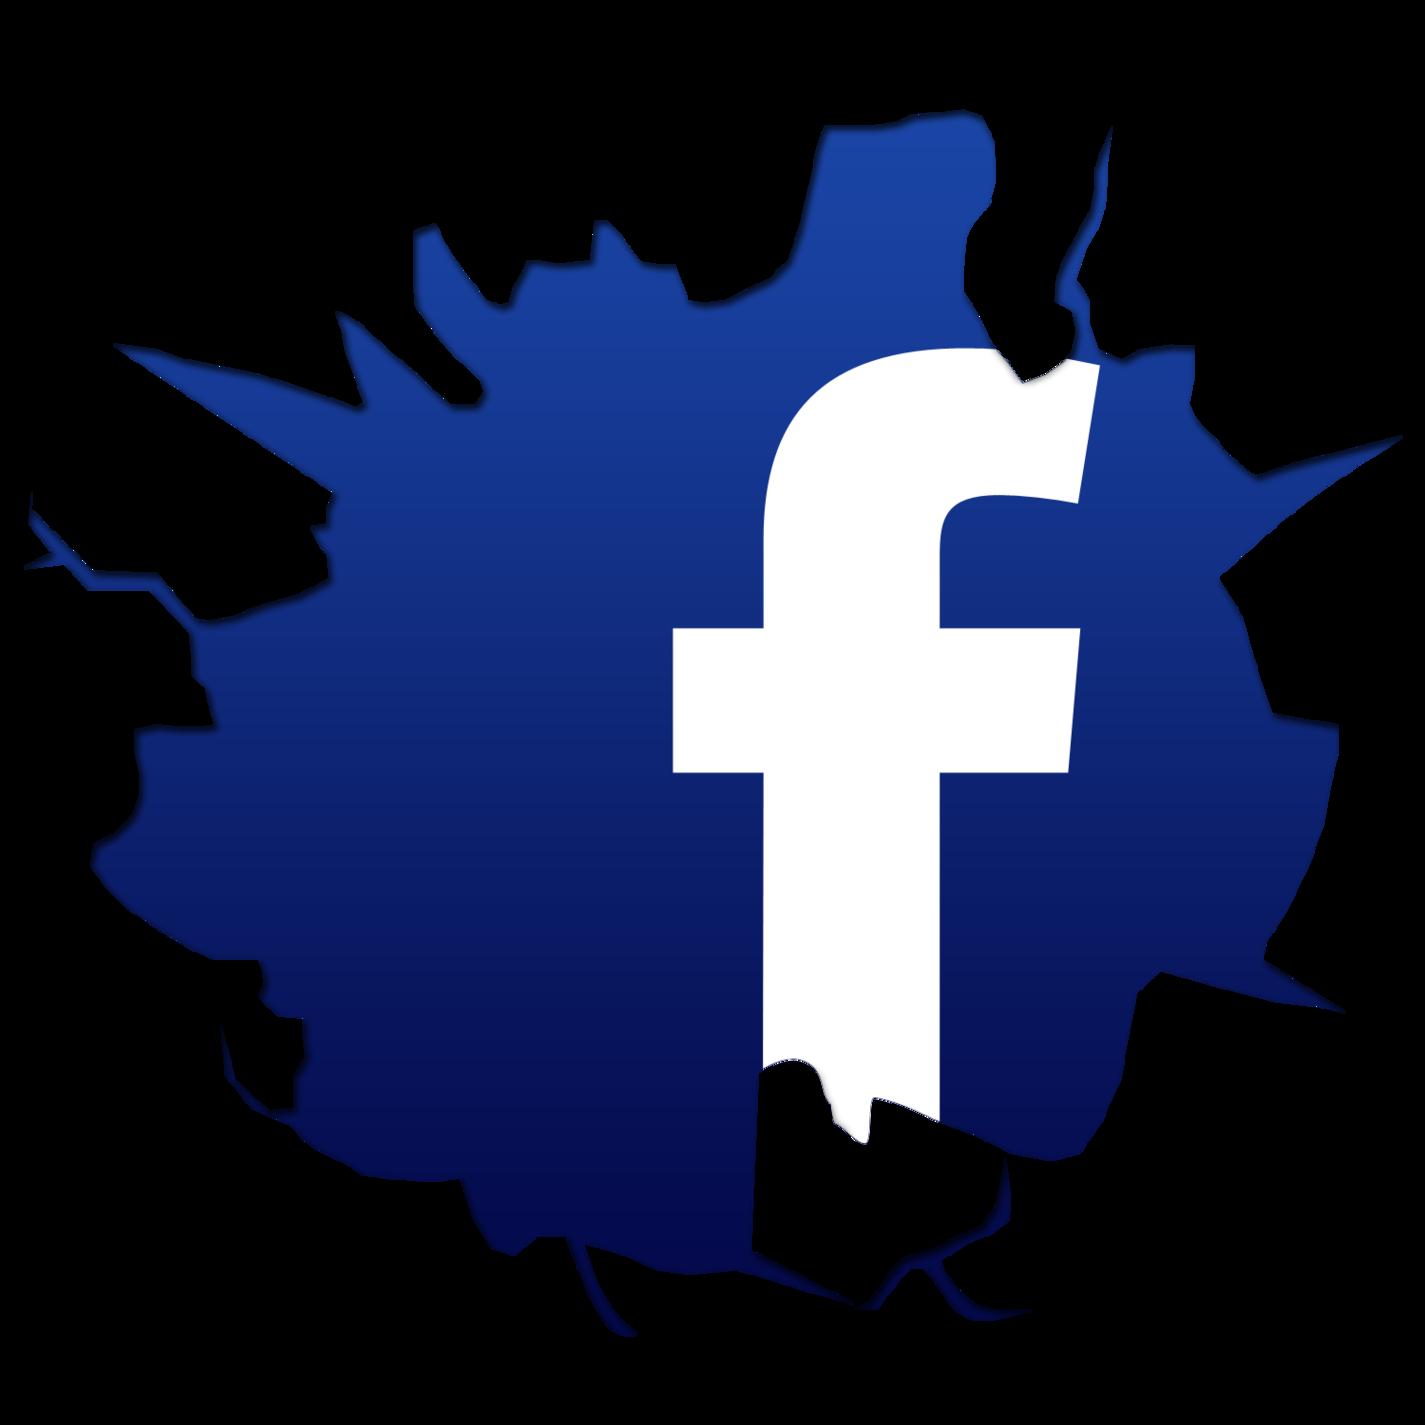 Facebook clipart vector free Logo facebook vector clipart free to use clip art resource - Clipartix free